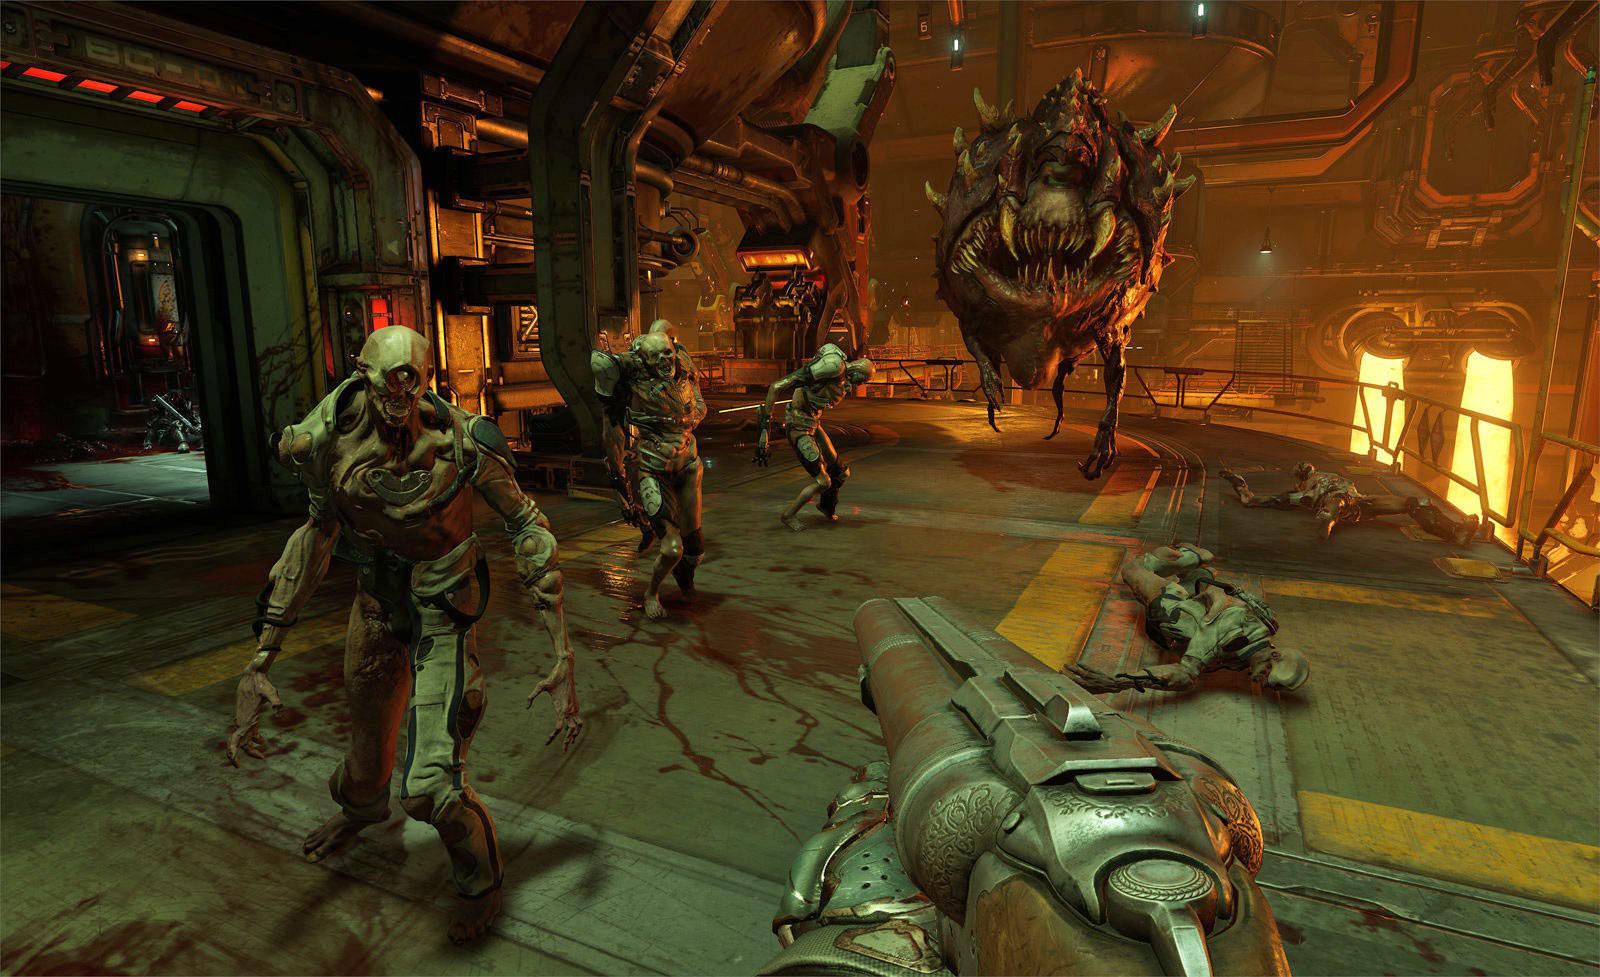 Kết quả hình ảnh cho Doom steam